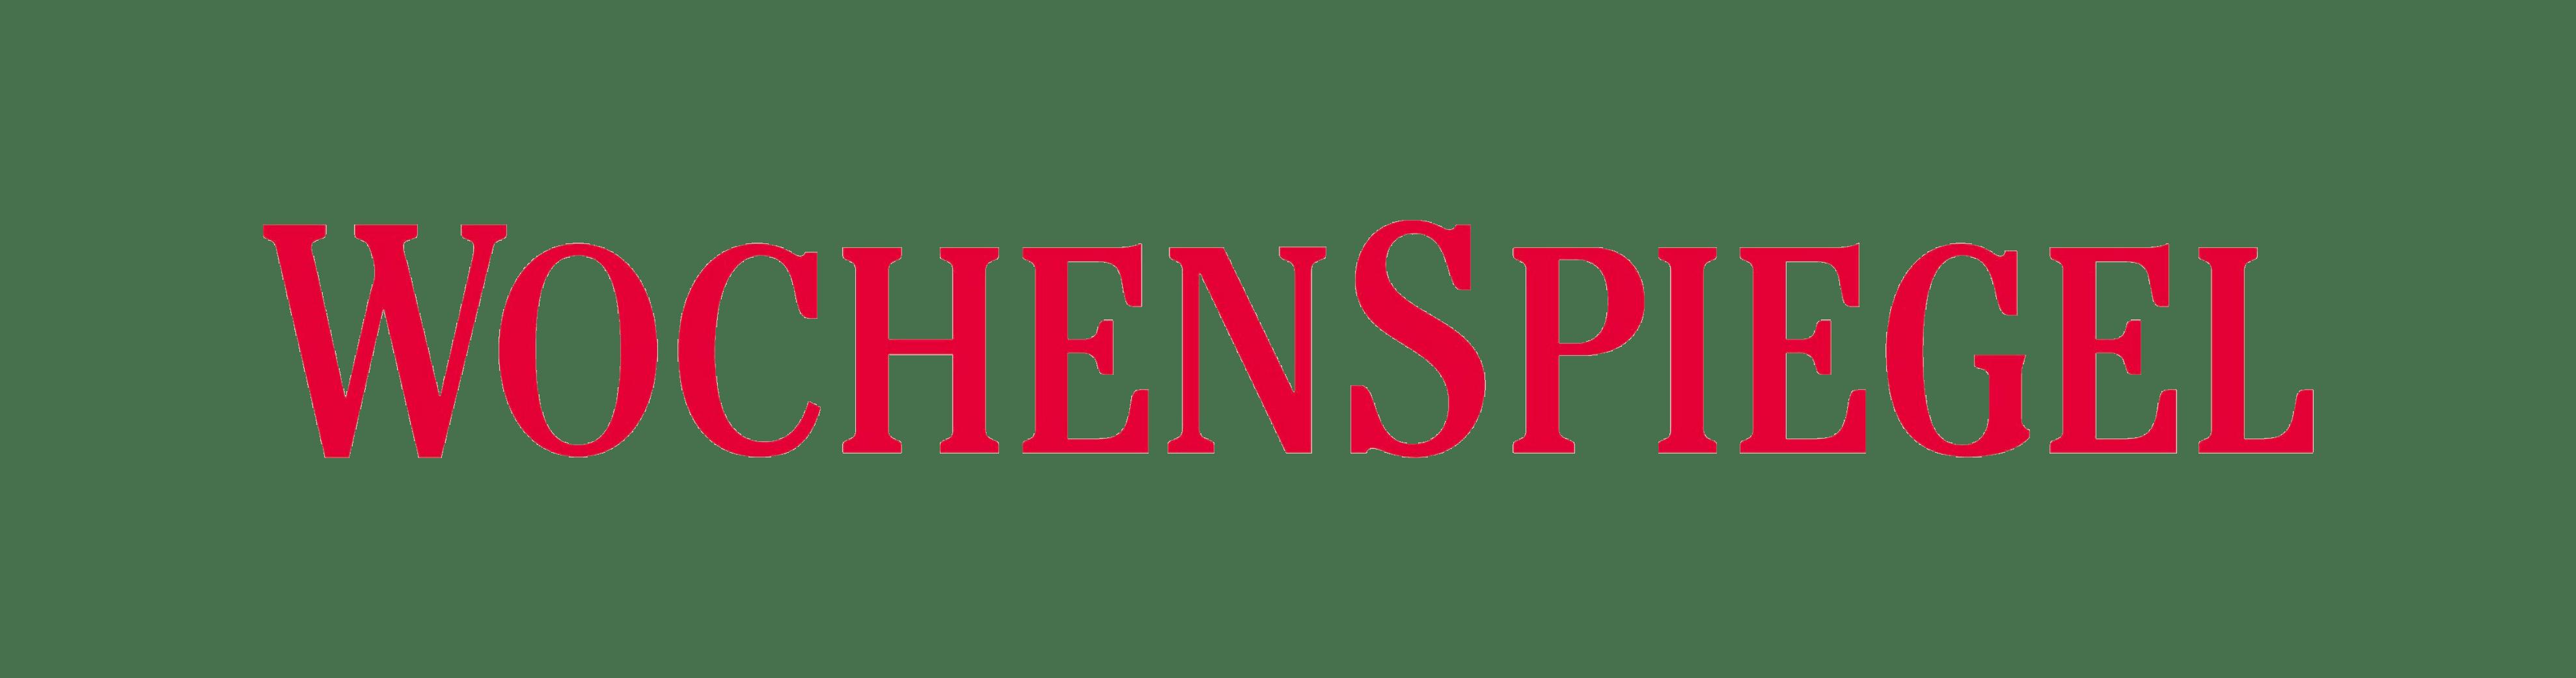 RHE-Presseecho-Wochenspiegel-1